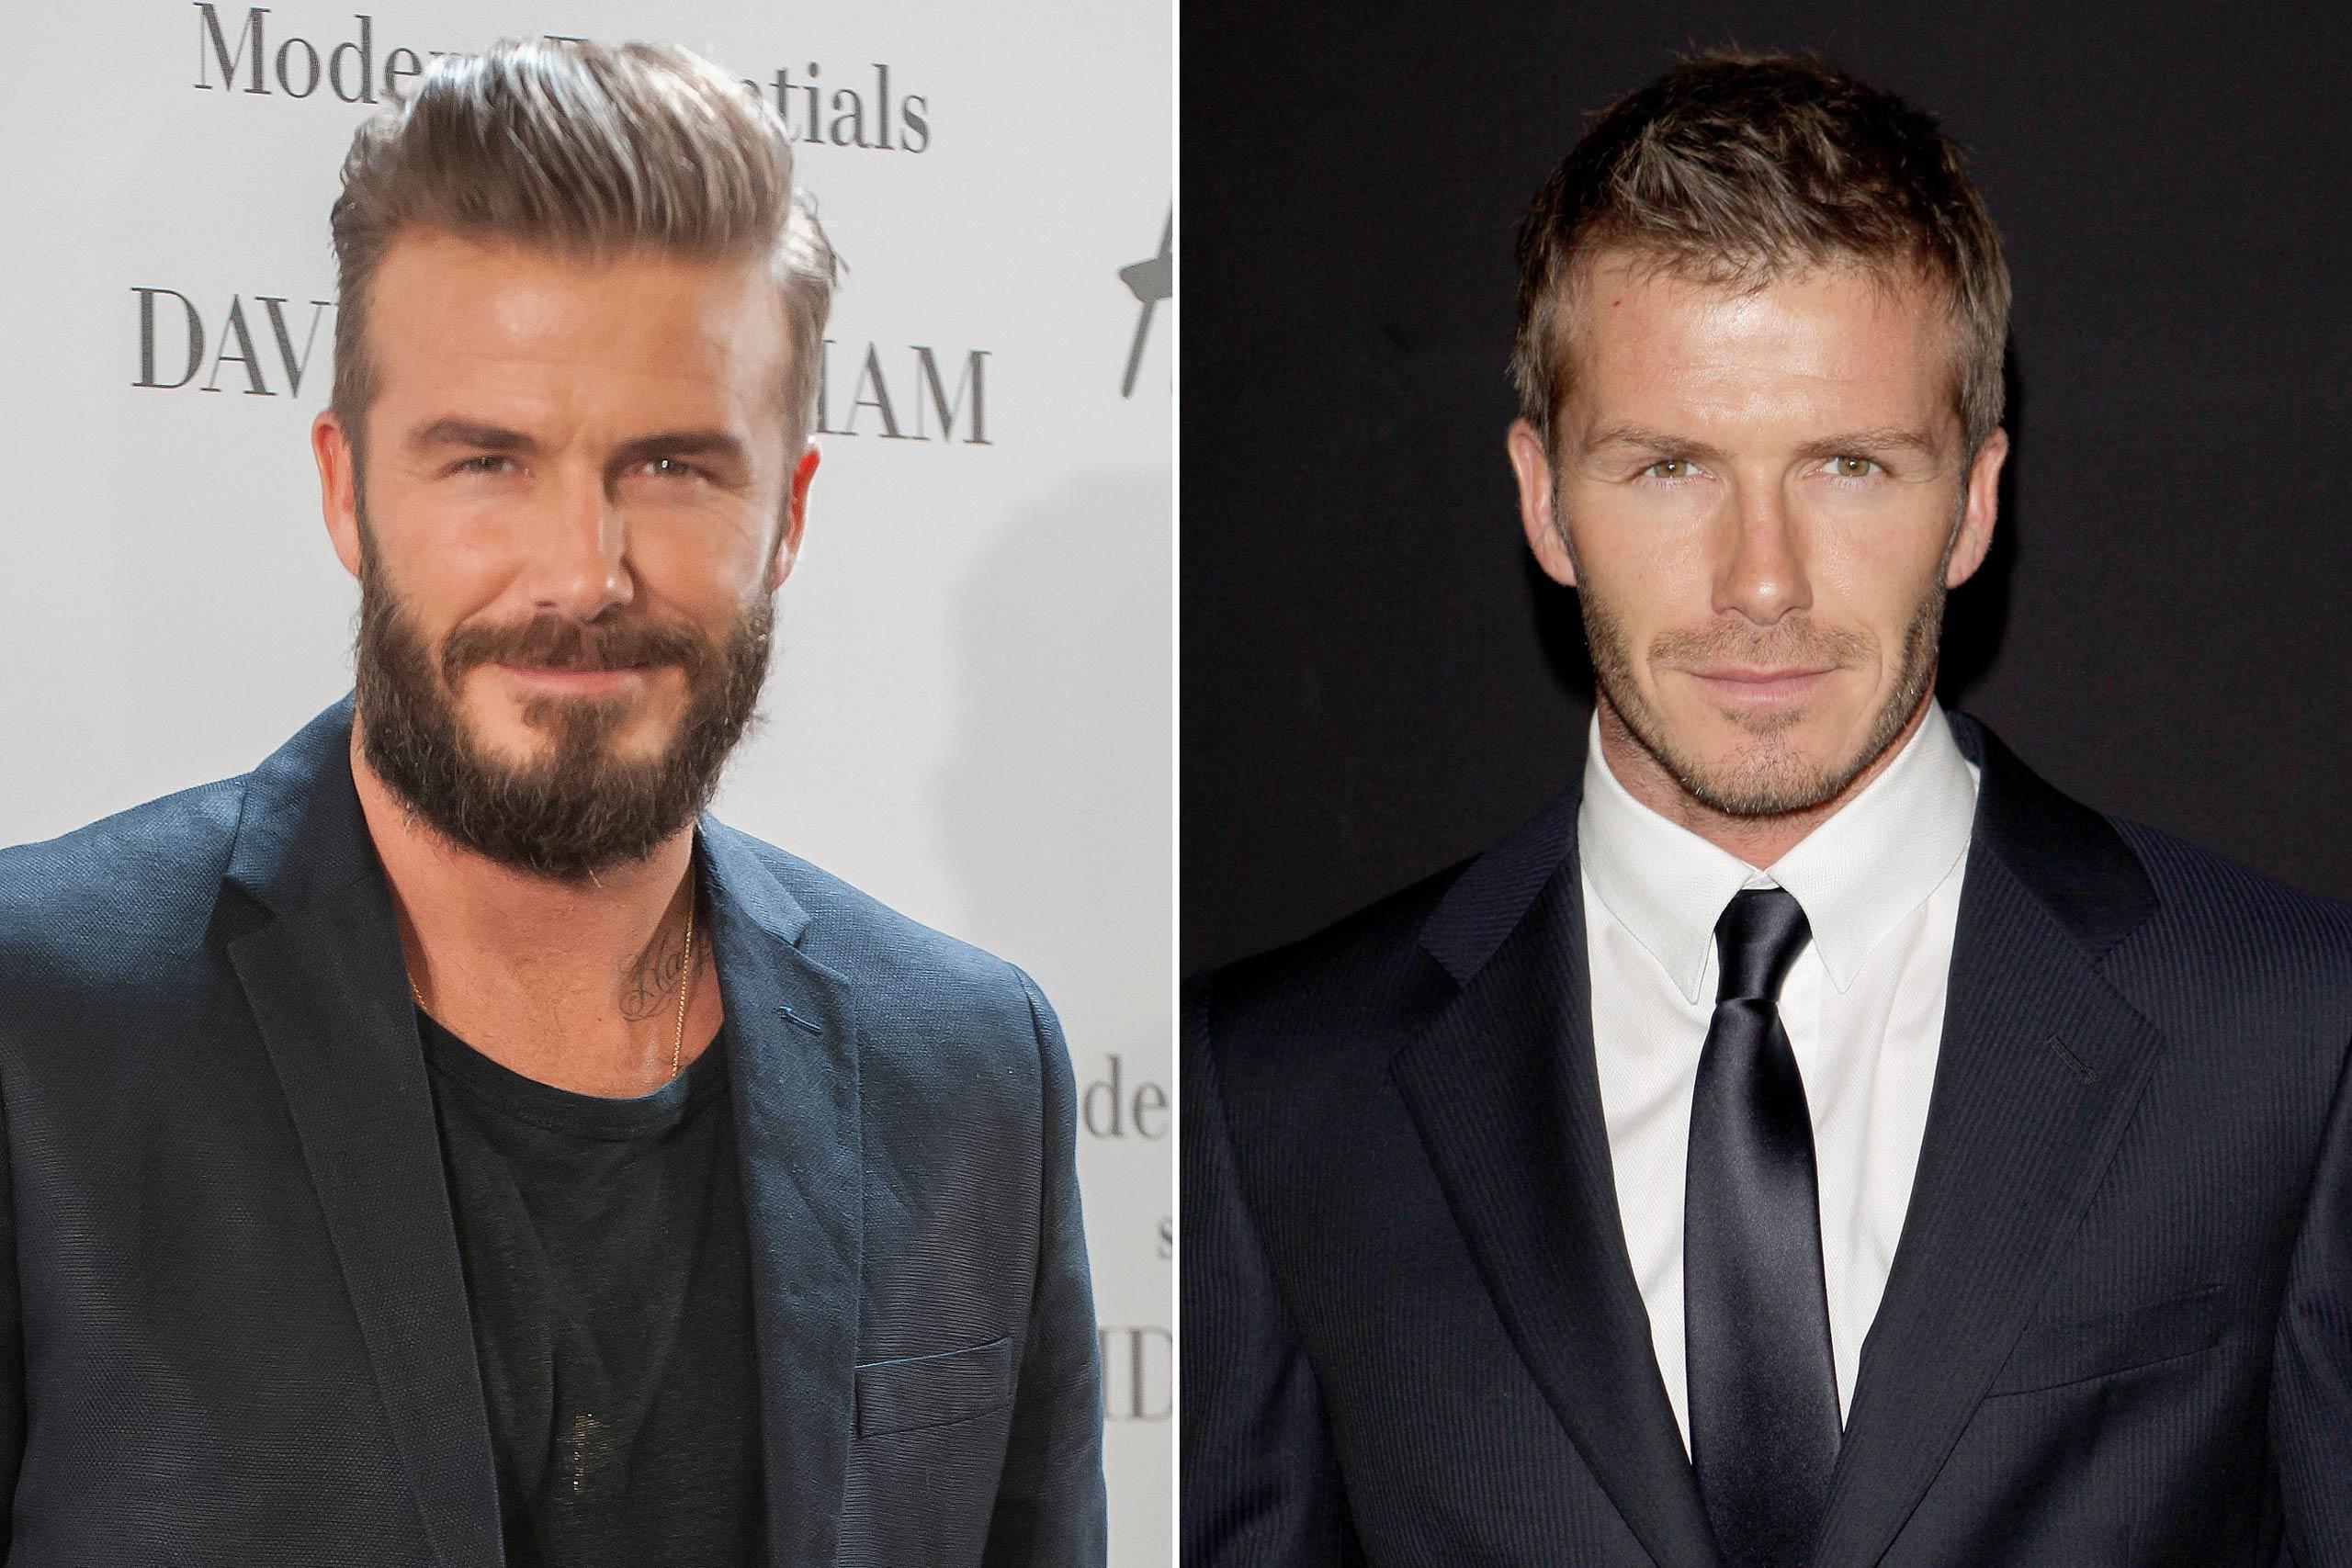 <strong>David Beckham</strong>